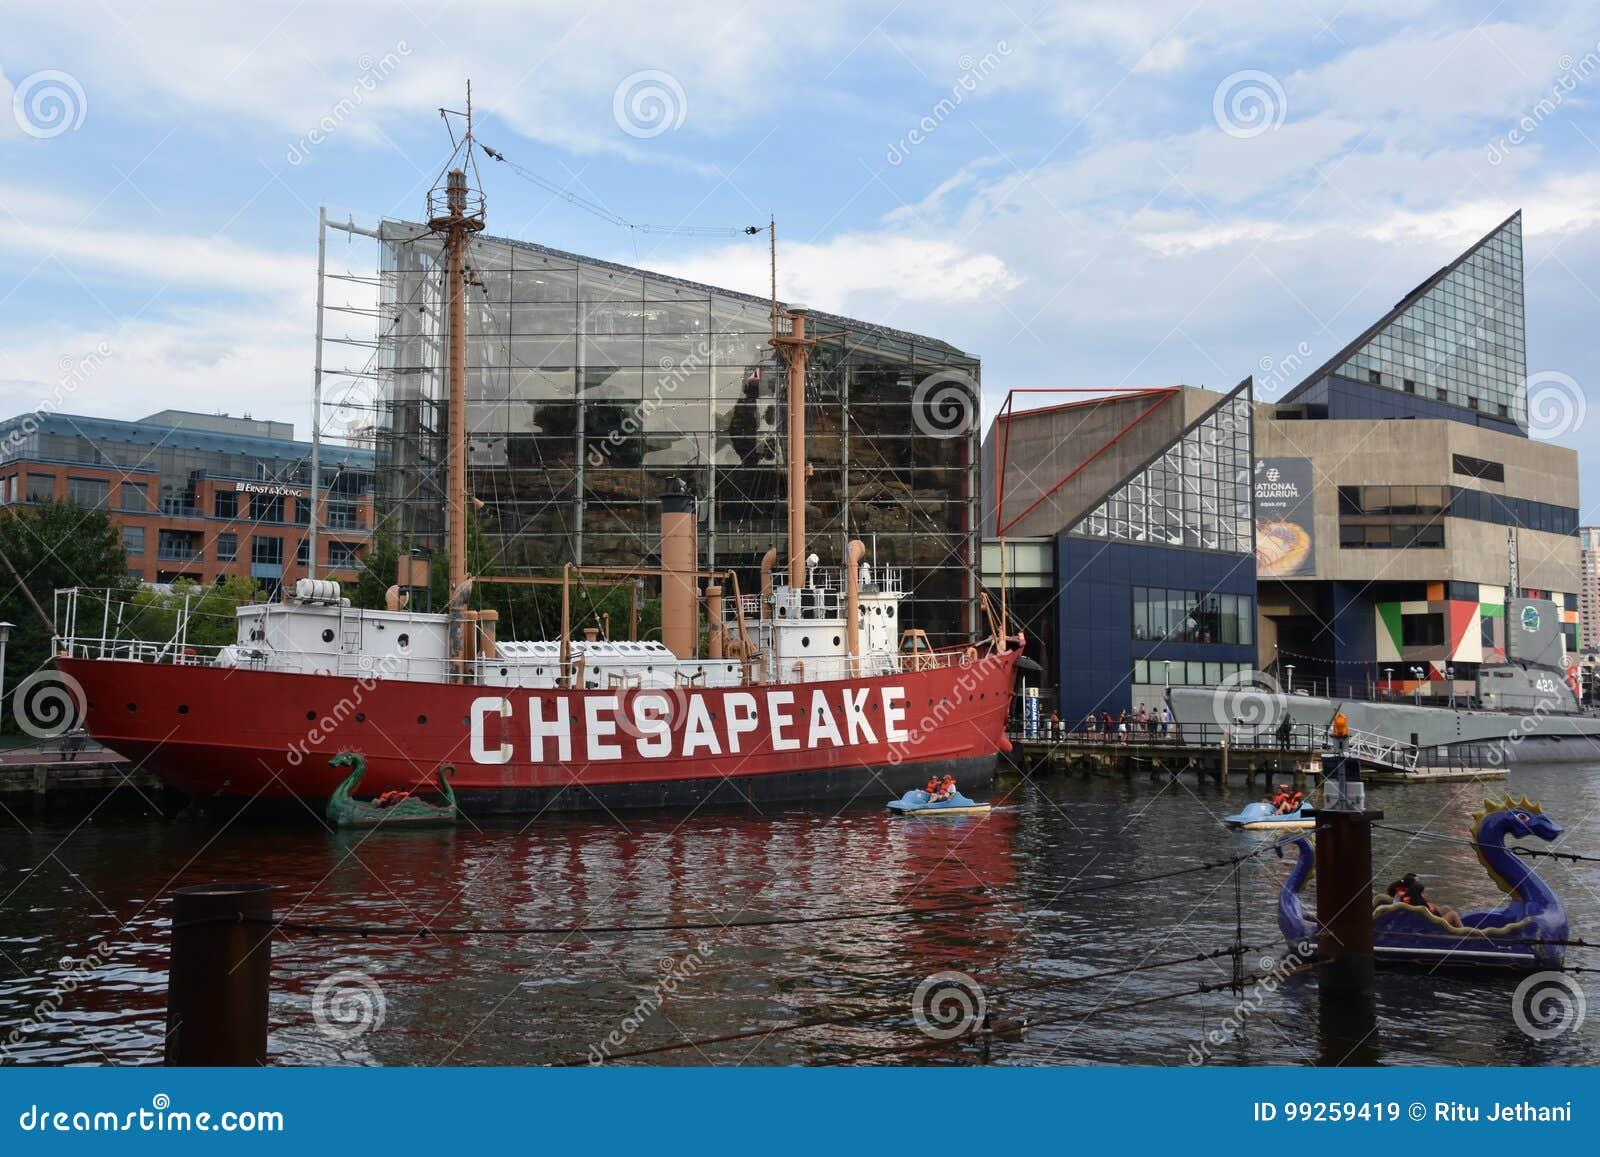 Feuerschiff Vereinigter Staaten Chesapeake LV-116 in Baltimore, Maryland